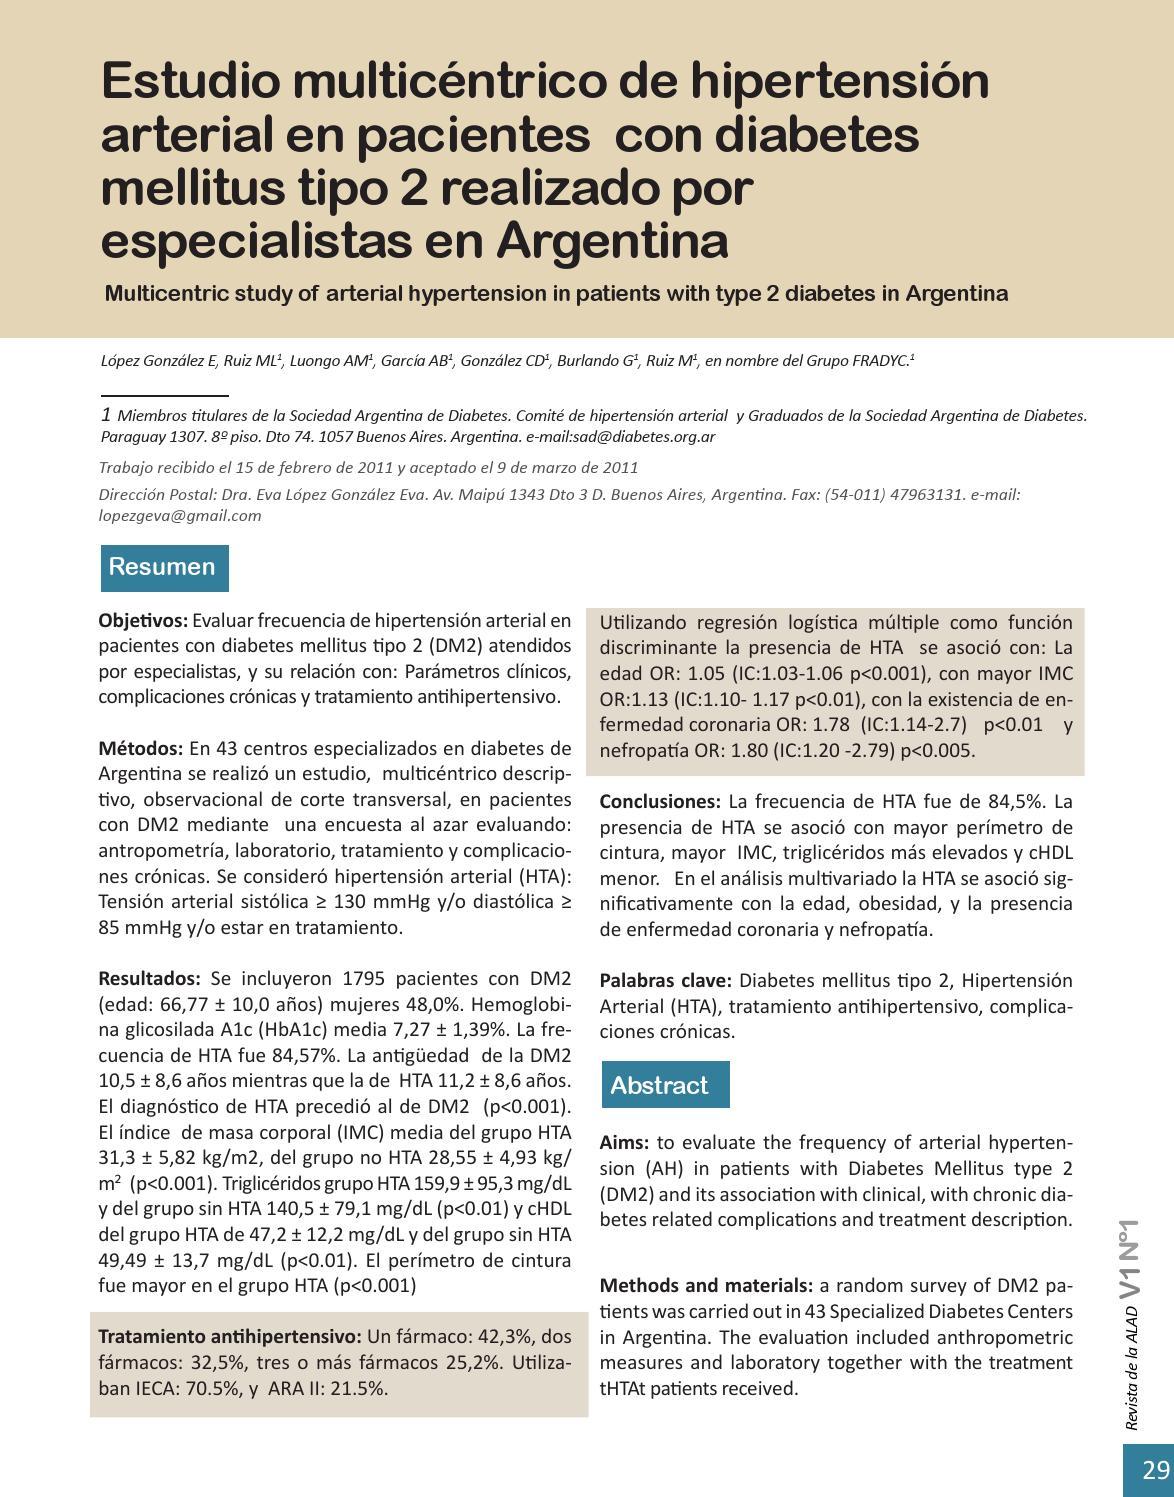 hipertensión y diabetes mellitus tipo 2